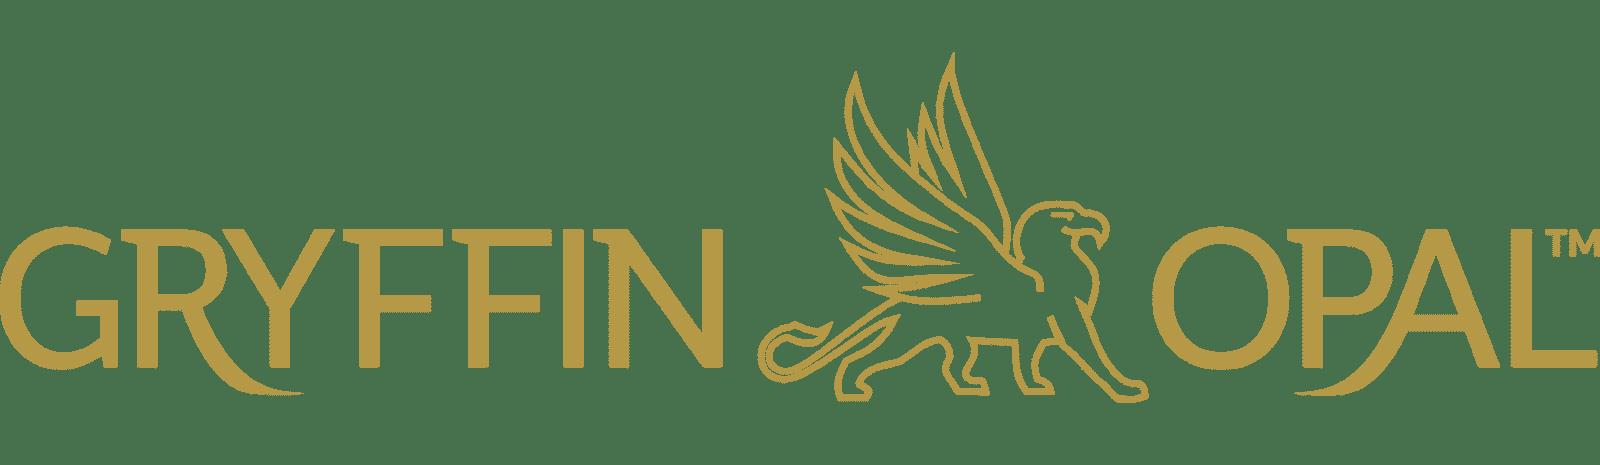 GRYFFIN OPAL